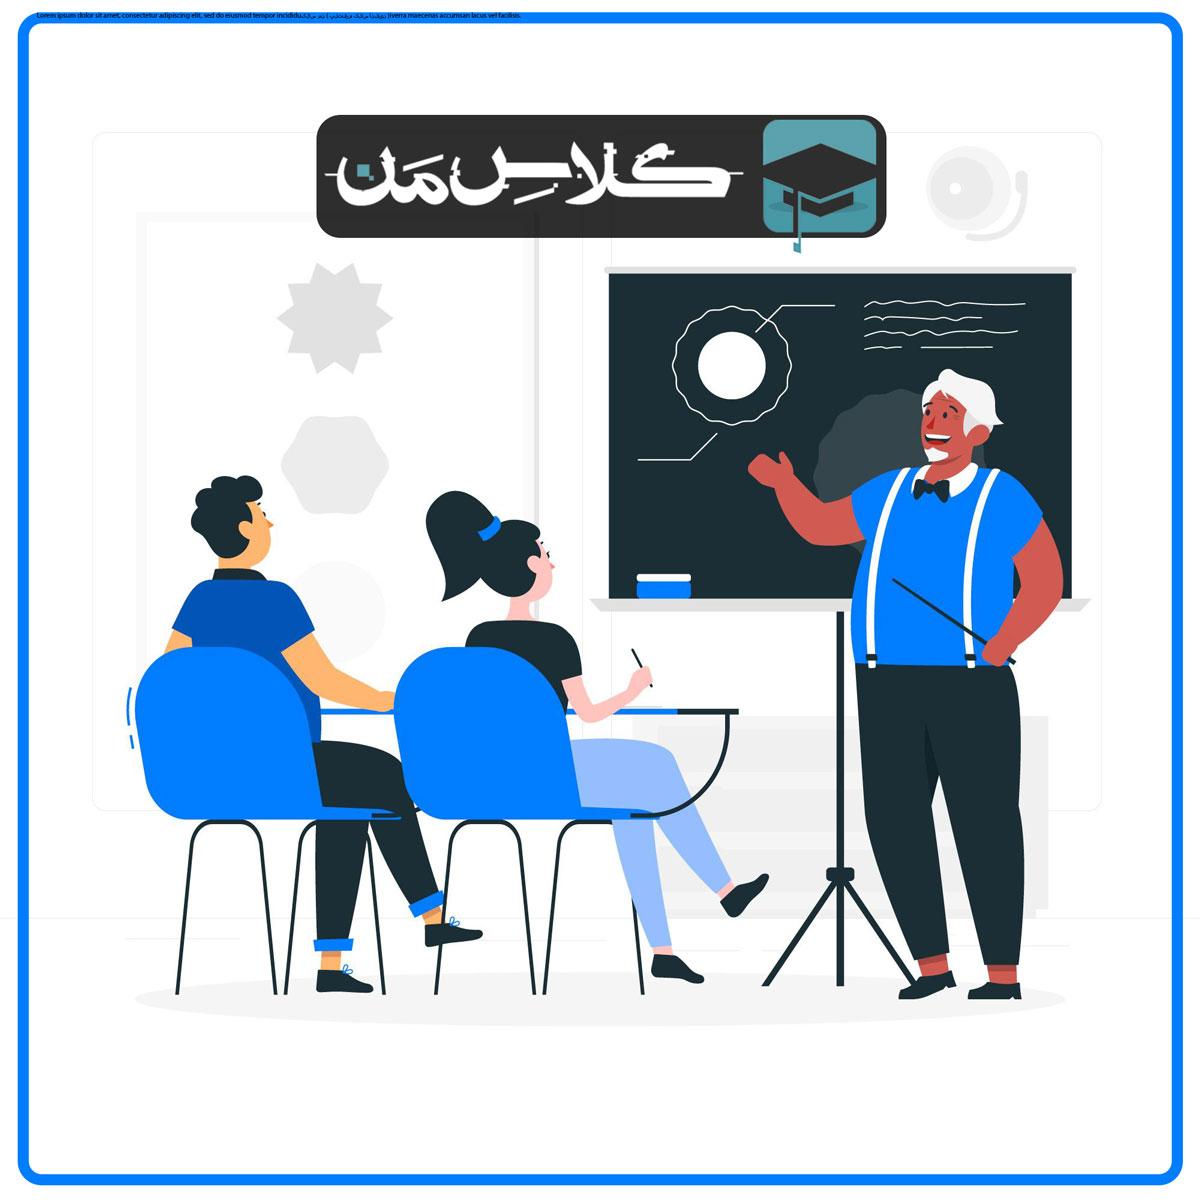 کلاس من ( پلتفرم کلاس آنلاین ) | پلتفرم برگزاری کلاس